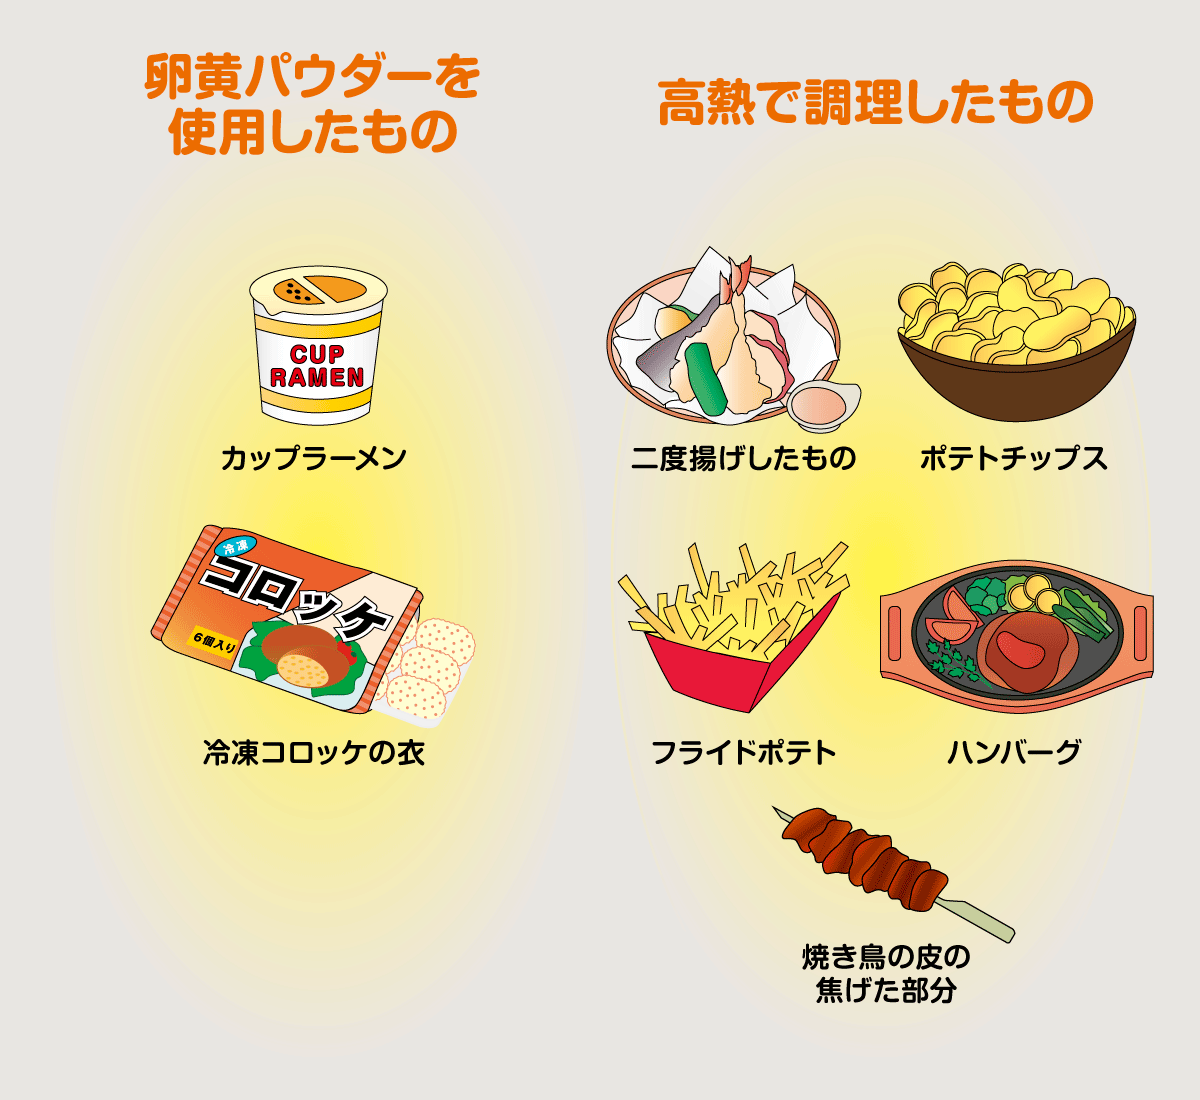 コレステロール 食べ物 悪玉 悪玉コレステロールを増やす食べ物(卵・チョコレート)減らす食べ物(玉ねぎ・大豆食品)とは?